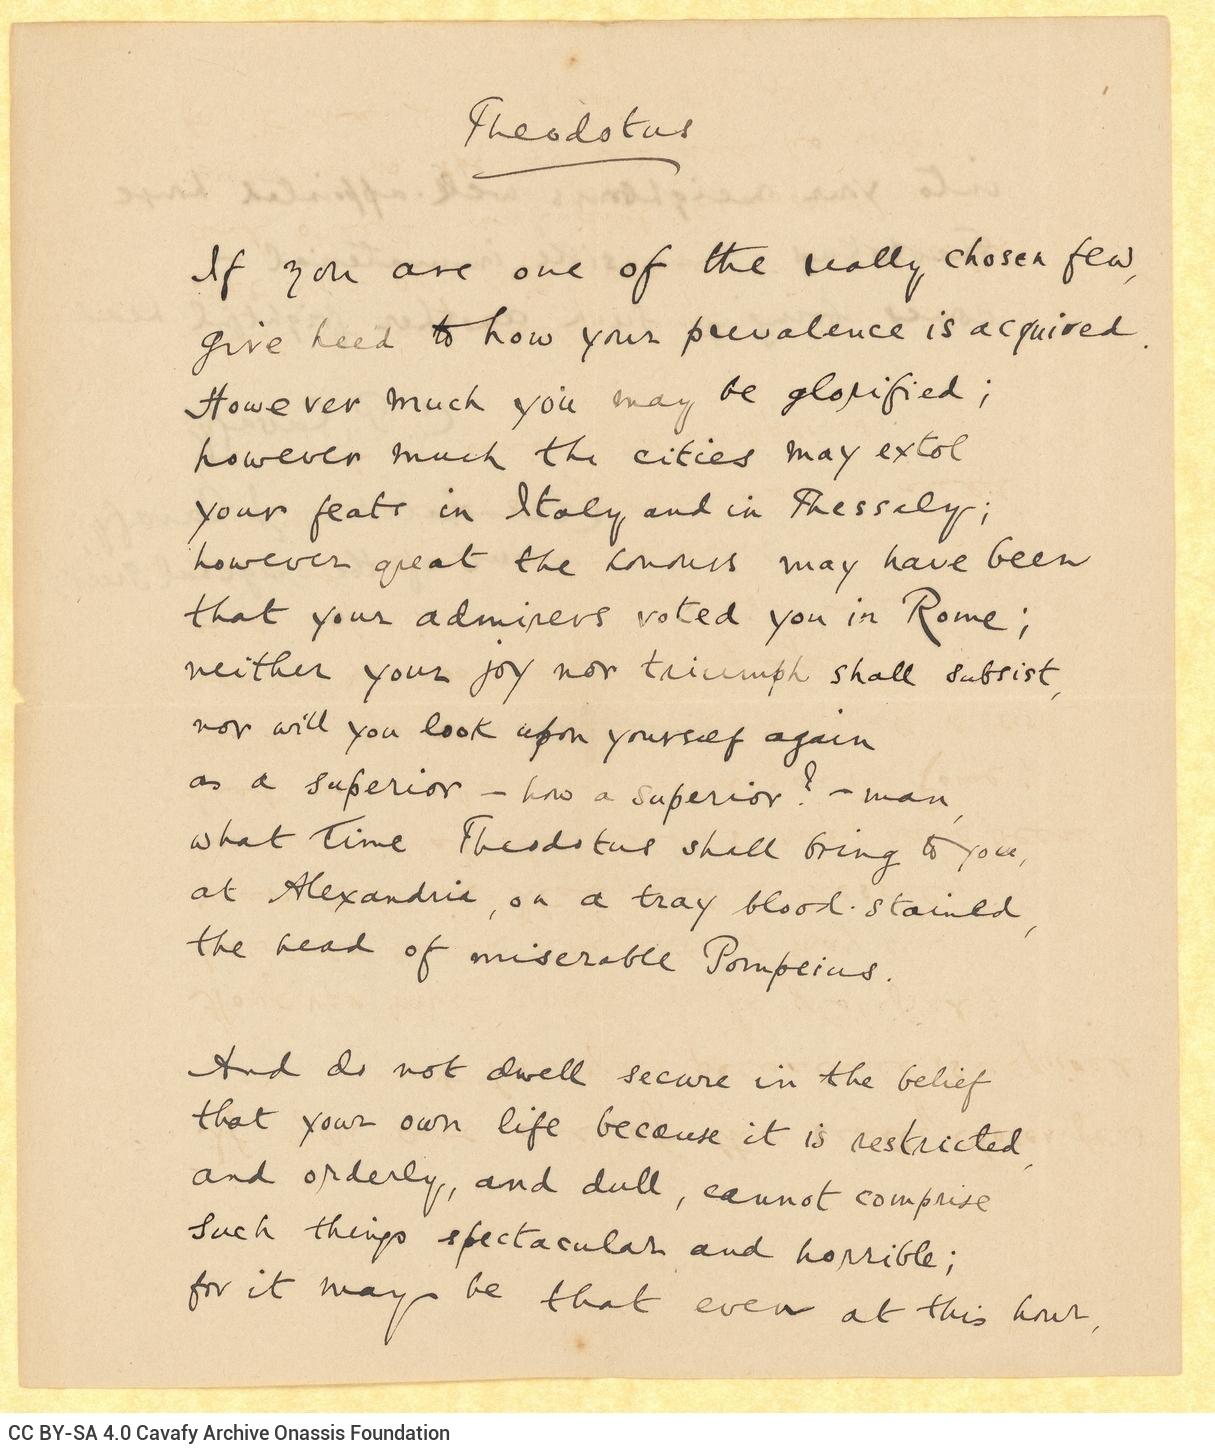 Χειρόγραφο κείμενο στα αγγλικά στις δύο όψεις φύλλου. Πρόκειται γι